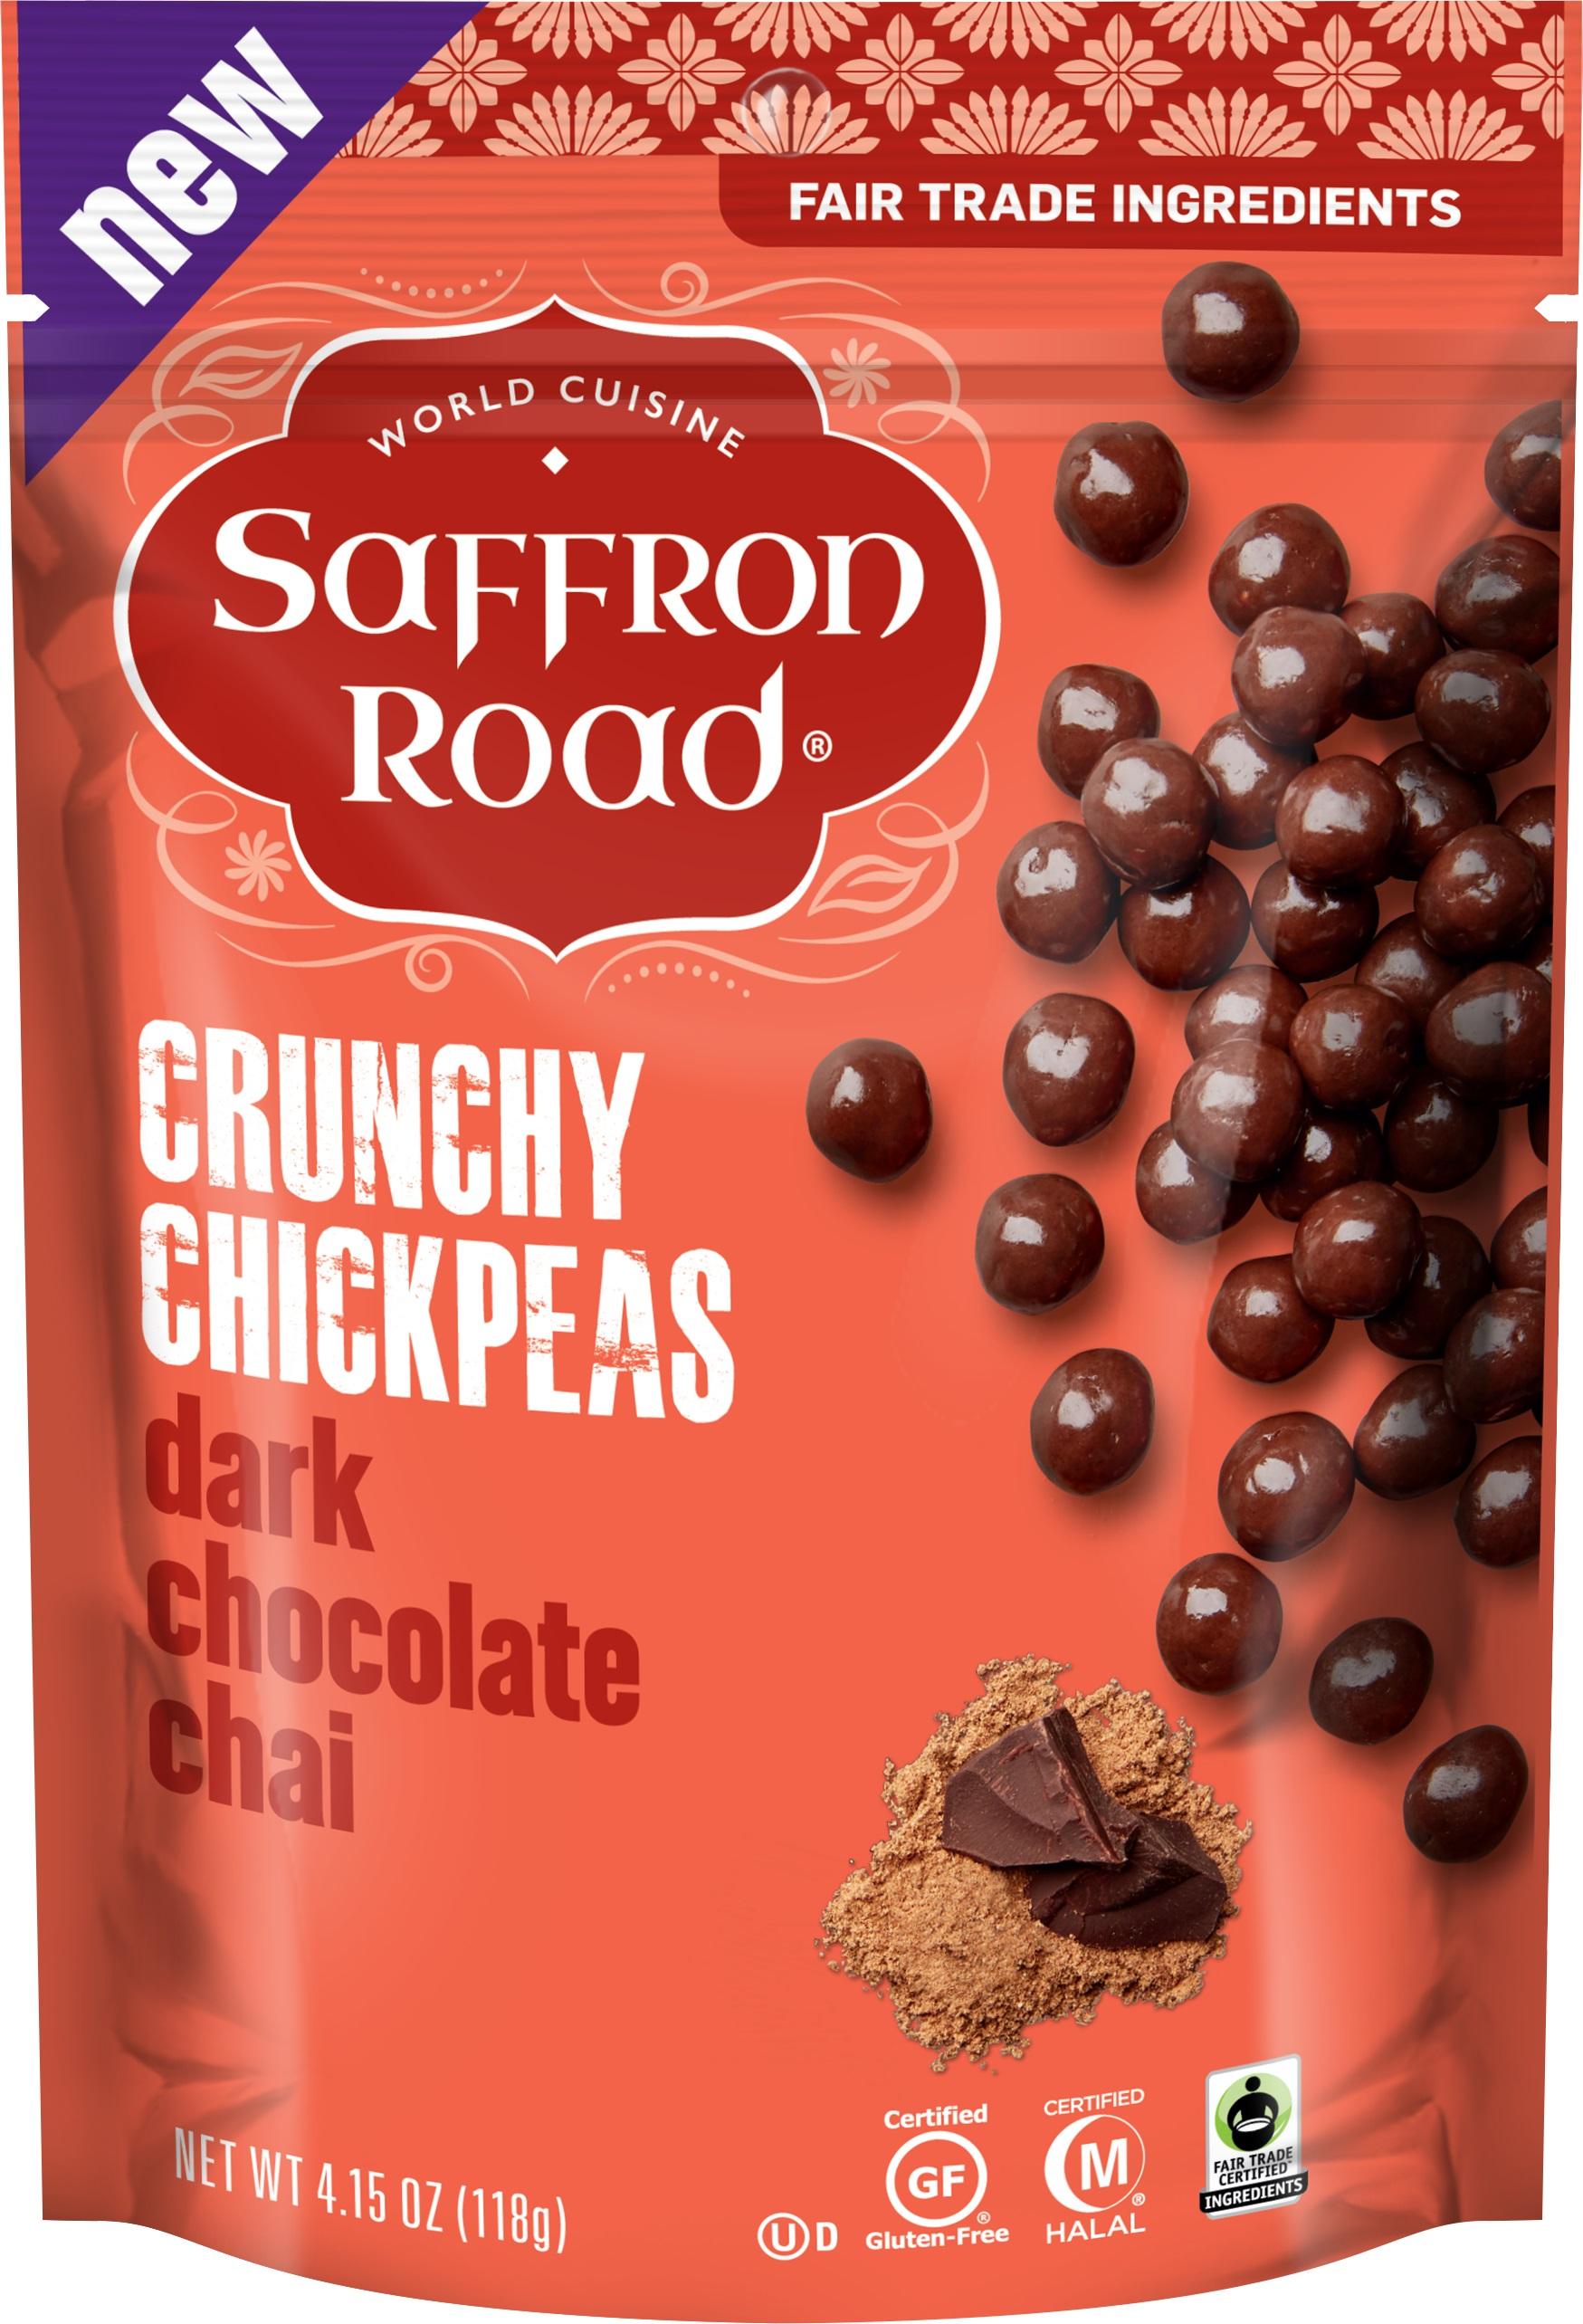 Saffron Road: Crunchy Chickpeas